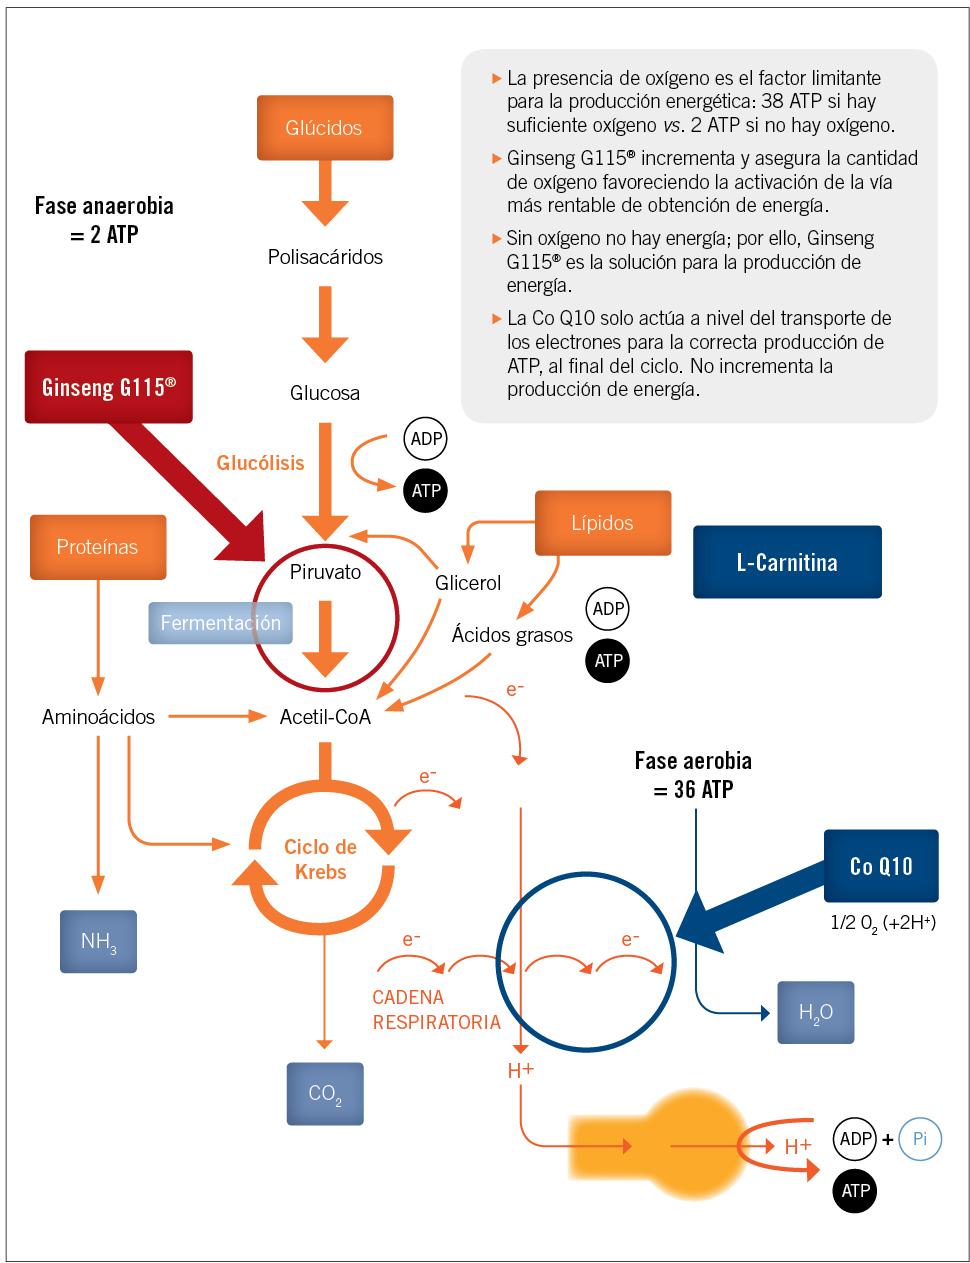 EF552 indicacion farmaceutica figura 2